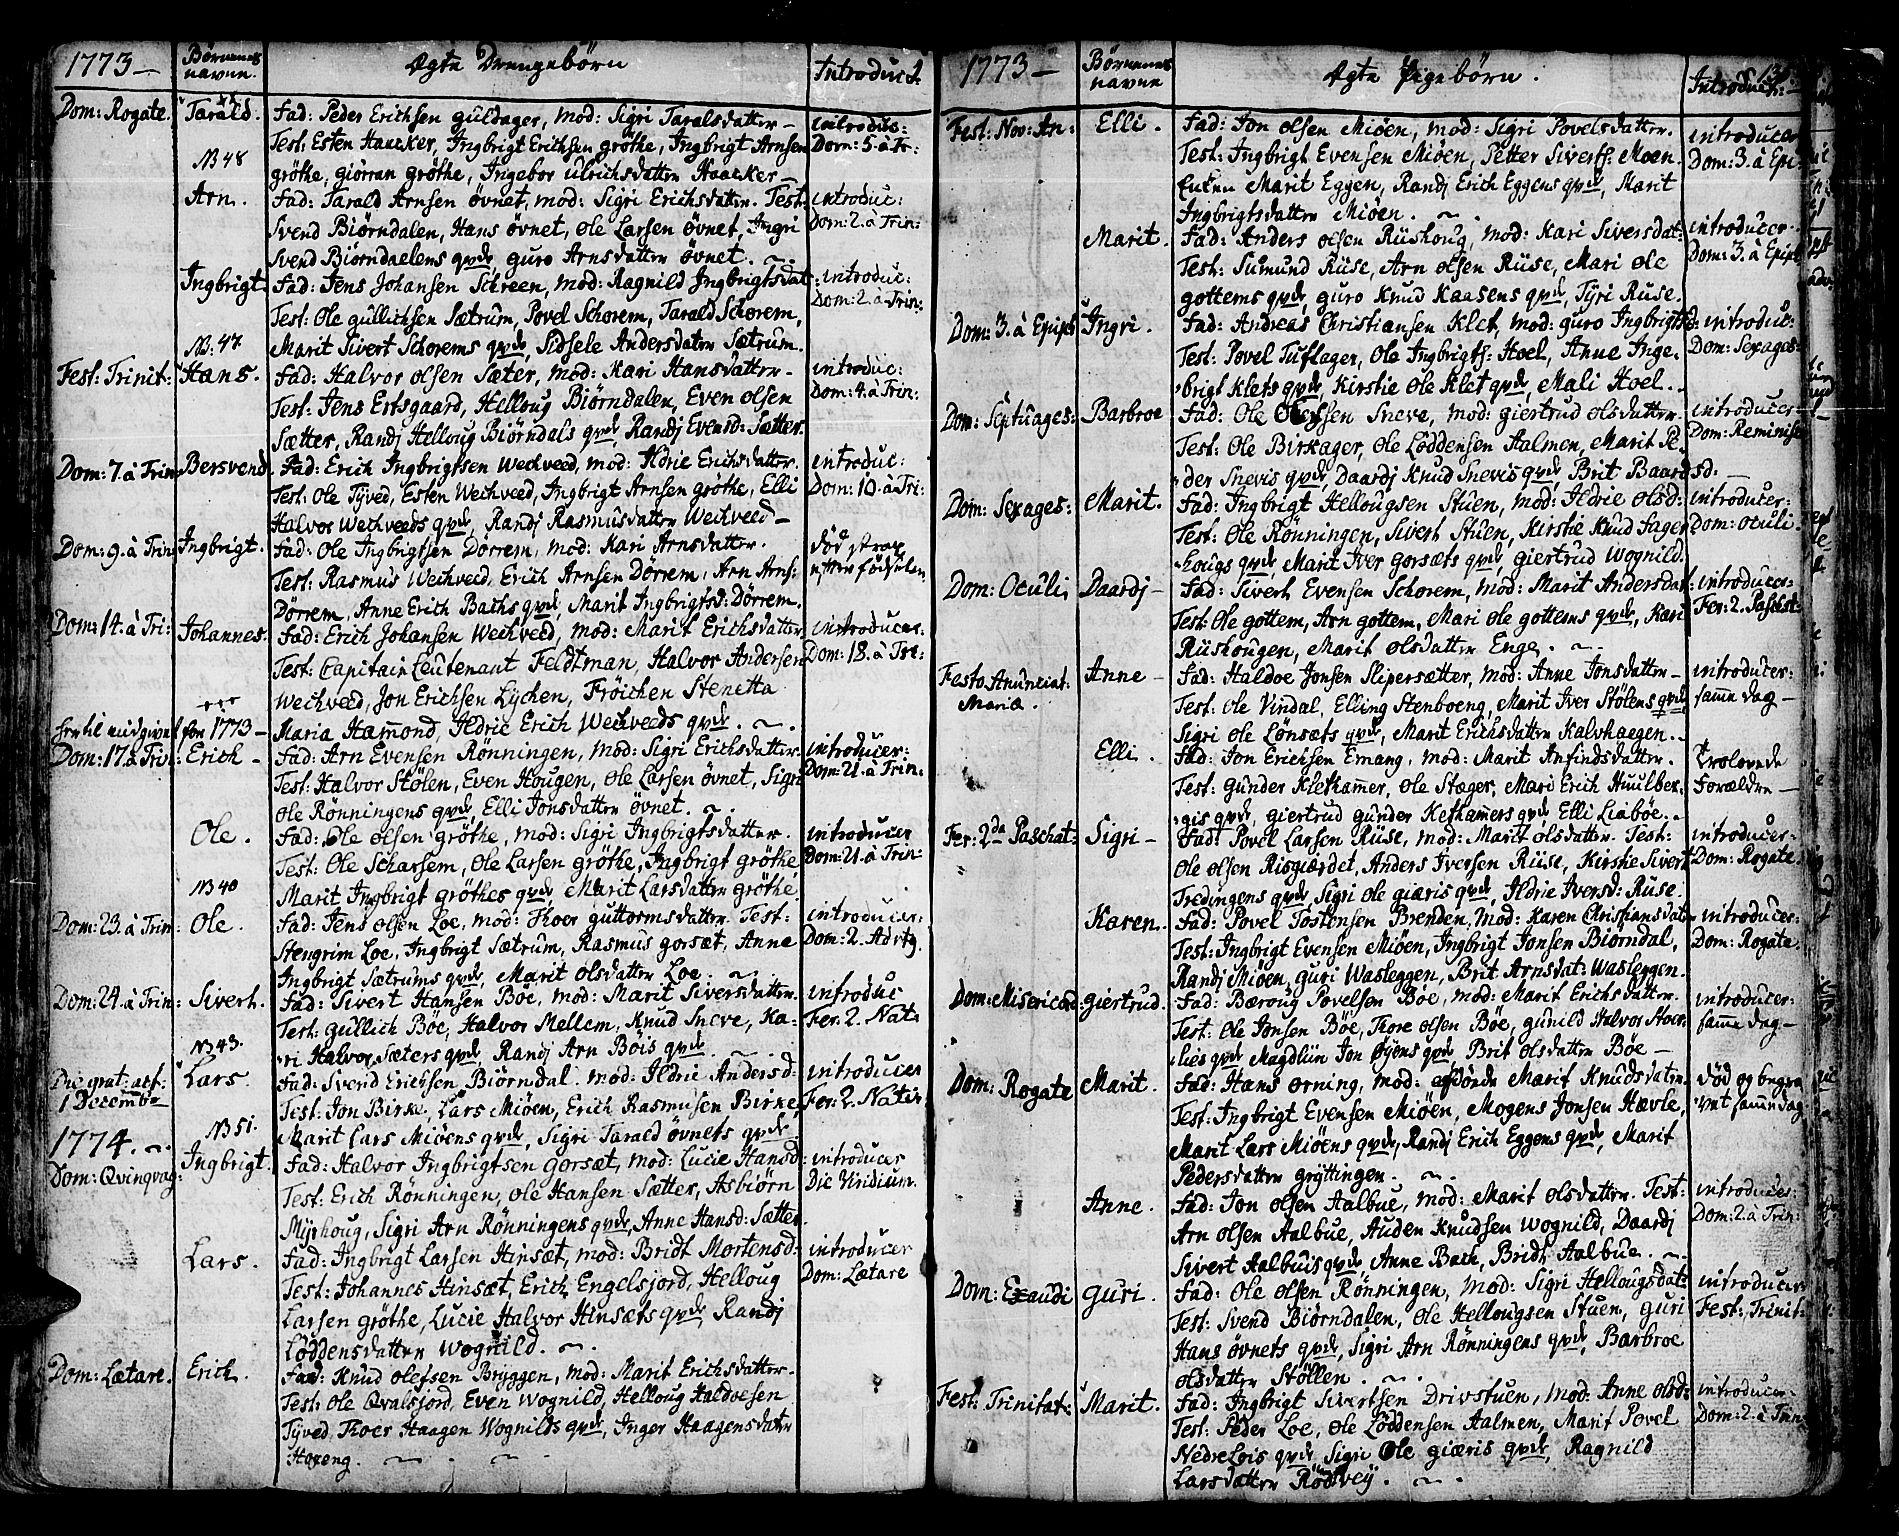 SAT, Ministerialprotokoller, klokkerbøker og fødselsregistre - Sør-Trøndelag, 678/L0891: Ministerialbok nr. 678A01, 1739-1780, s. 135